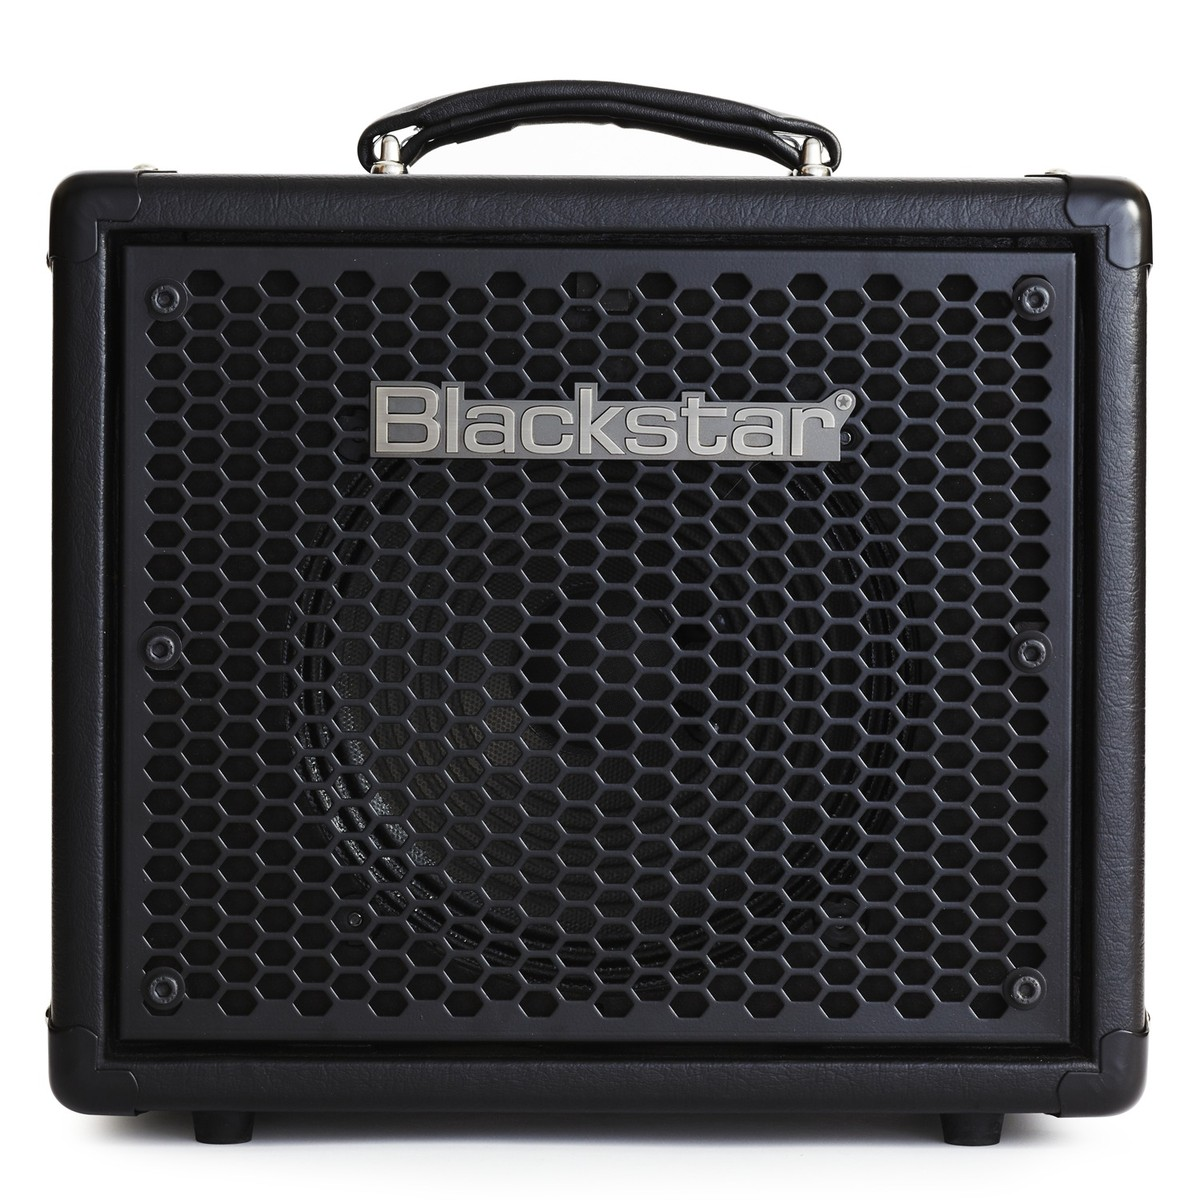 blackstar ht metal 1 guitar combo amp at. Black Bedroom Furniture Sets. Home Design Ideas